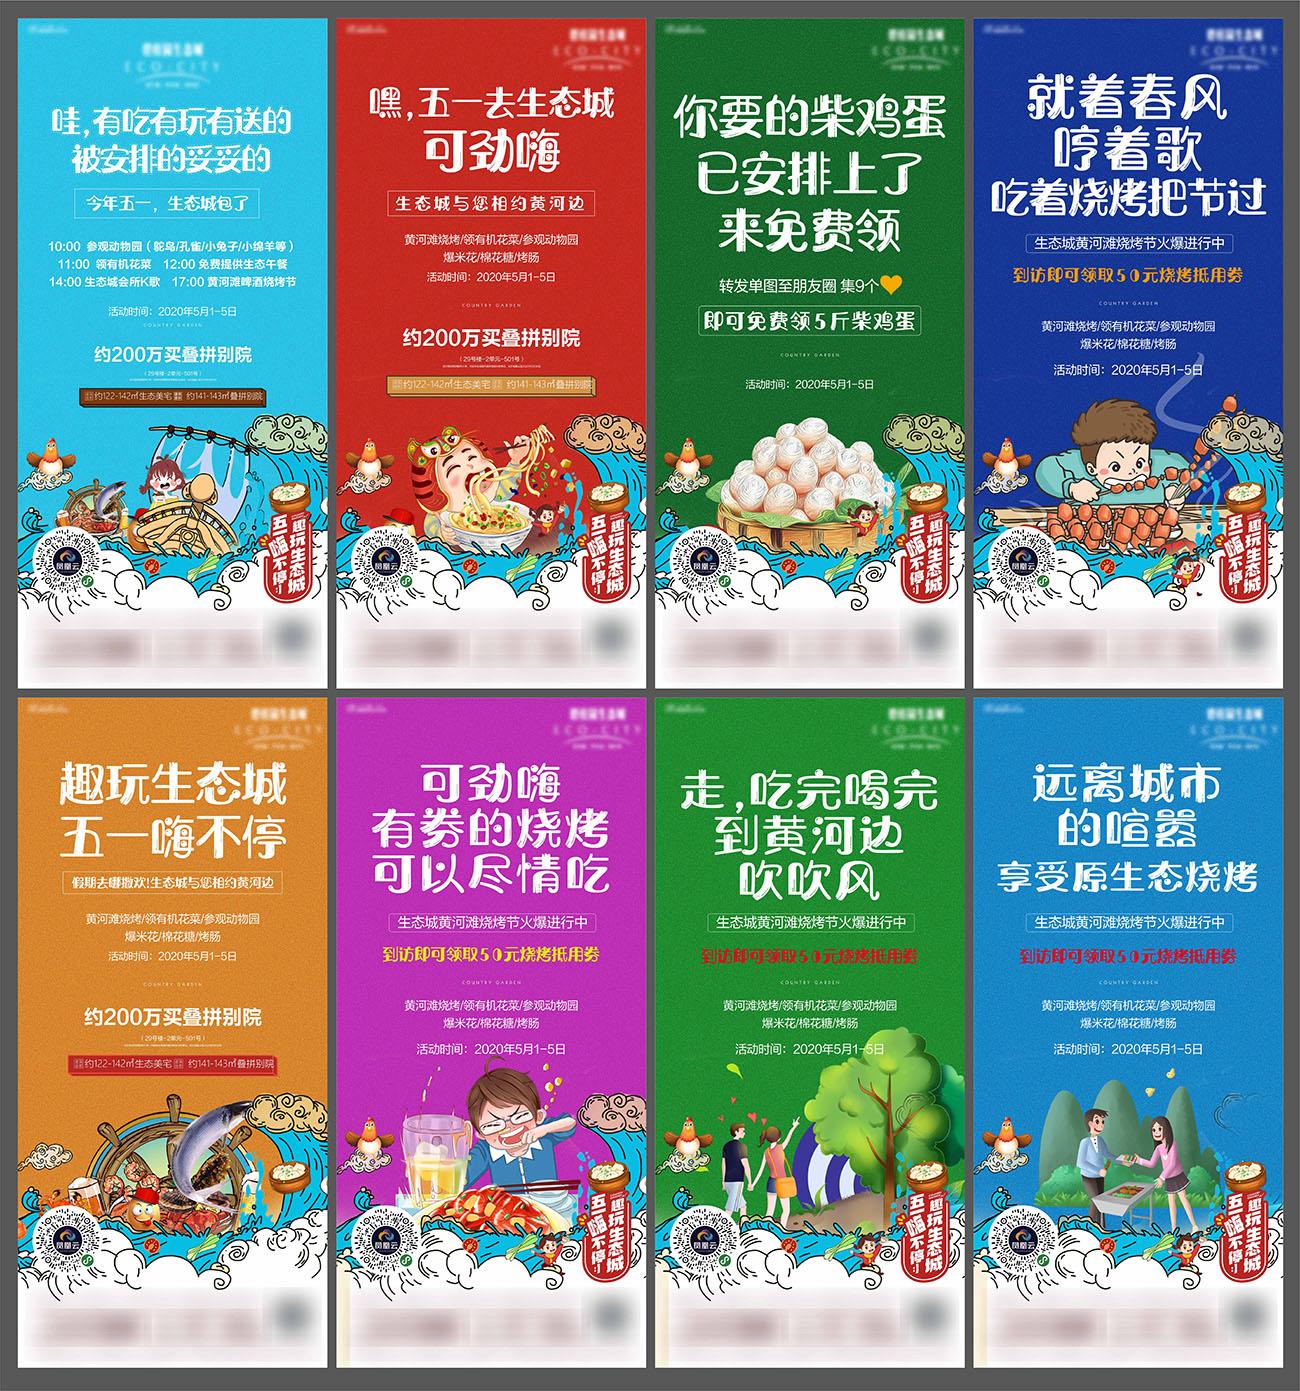 烧烤节微信微推广告系列图PSD源文件插图